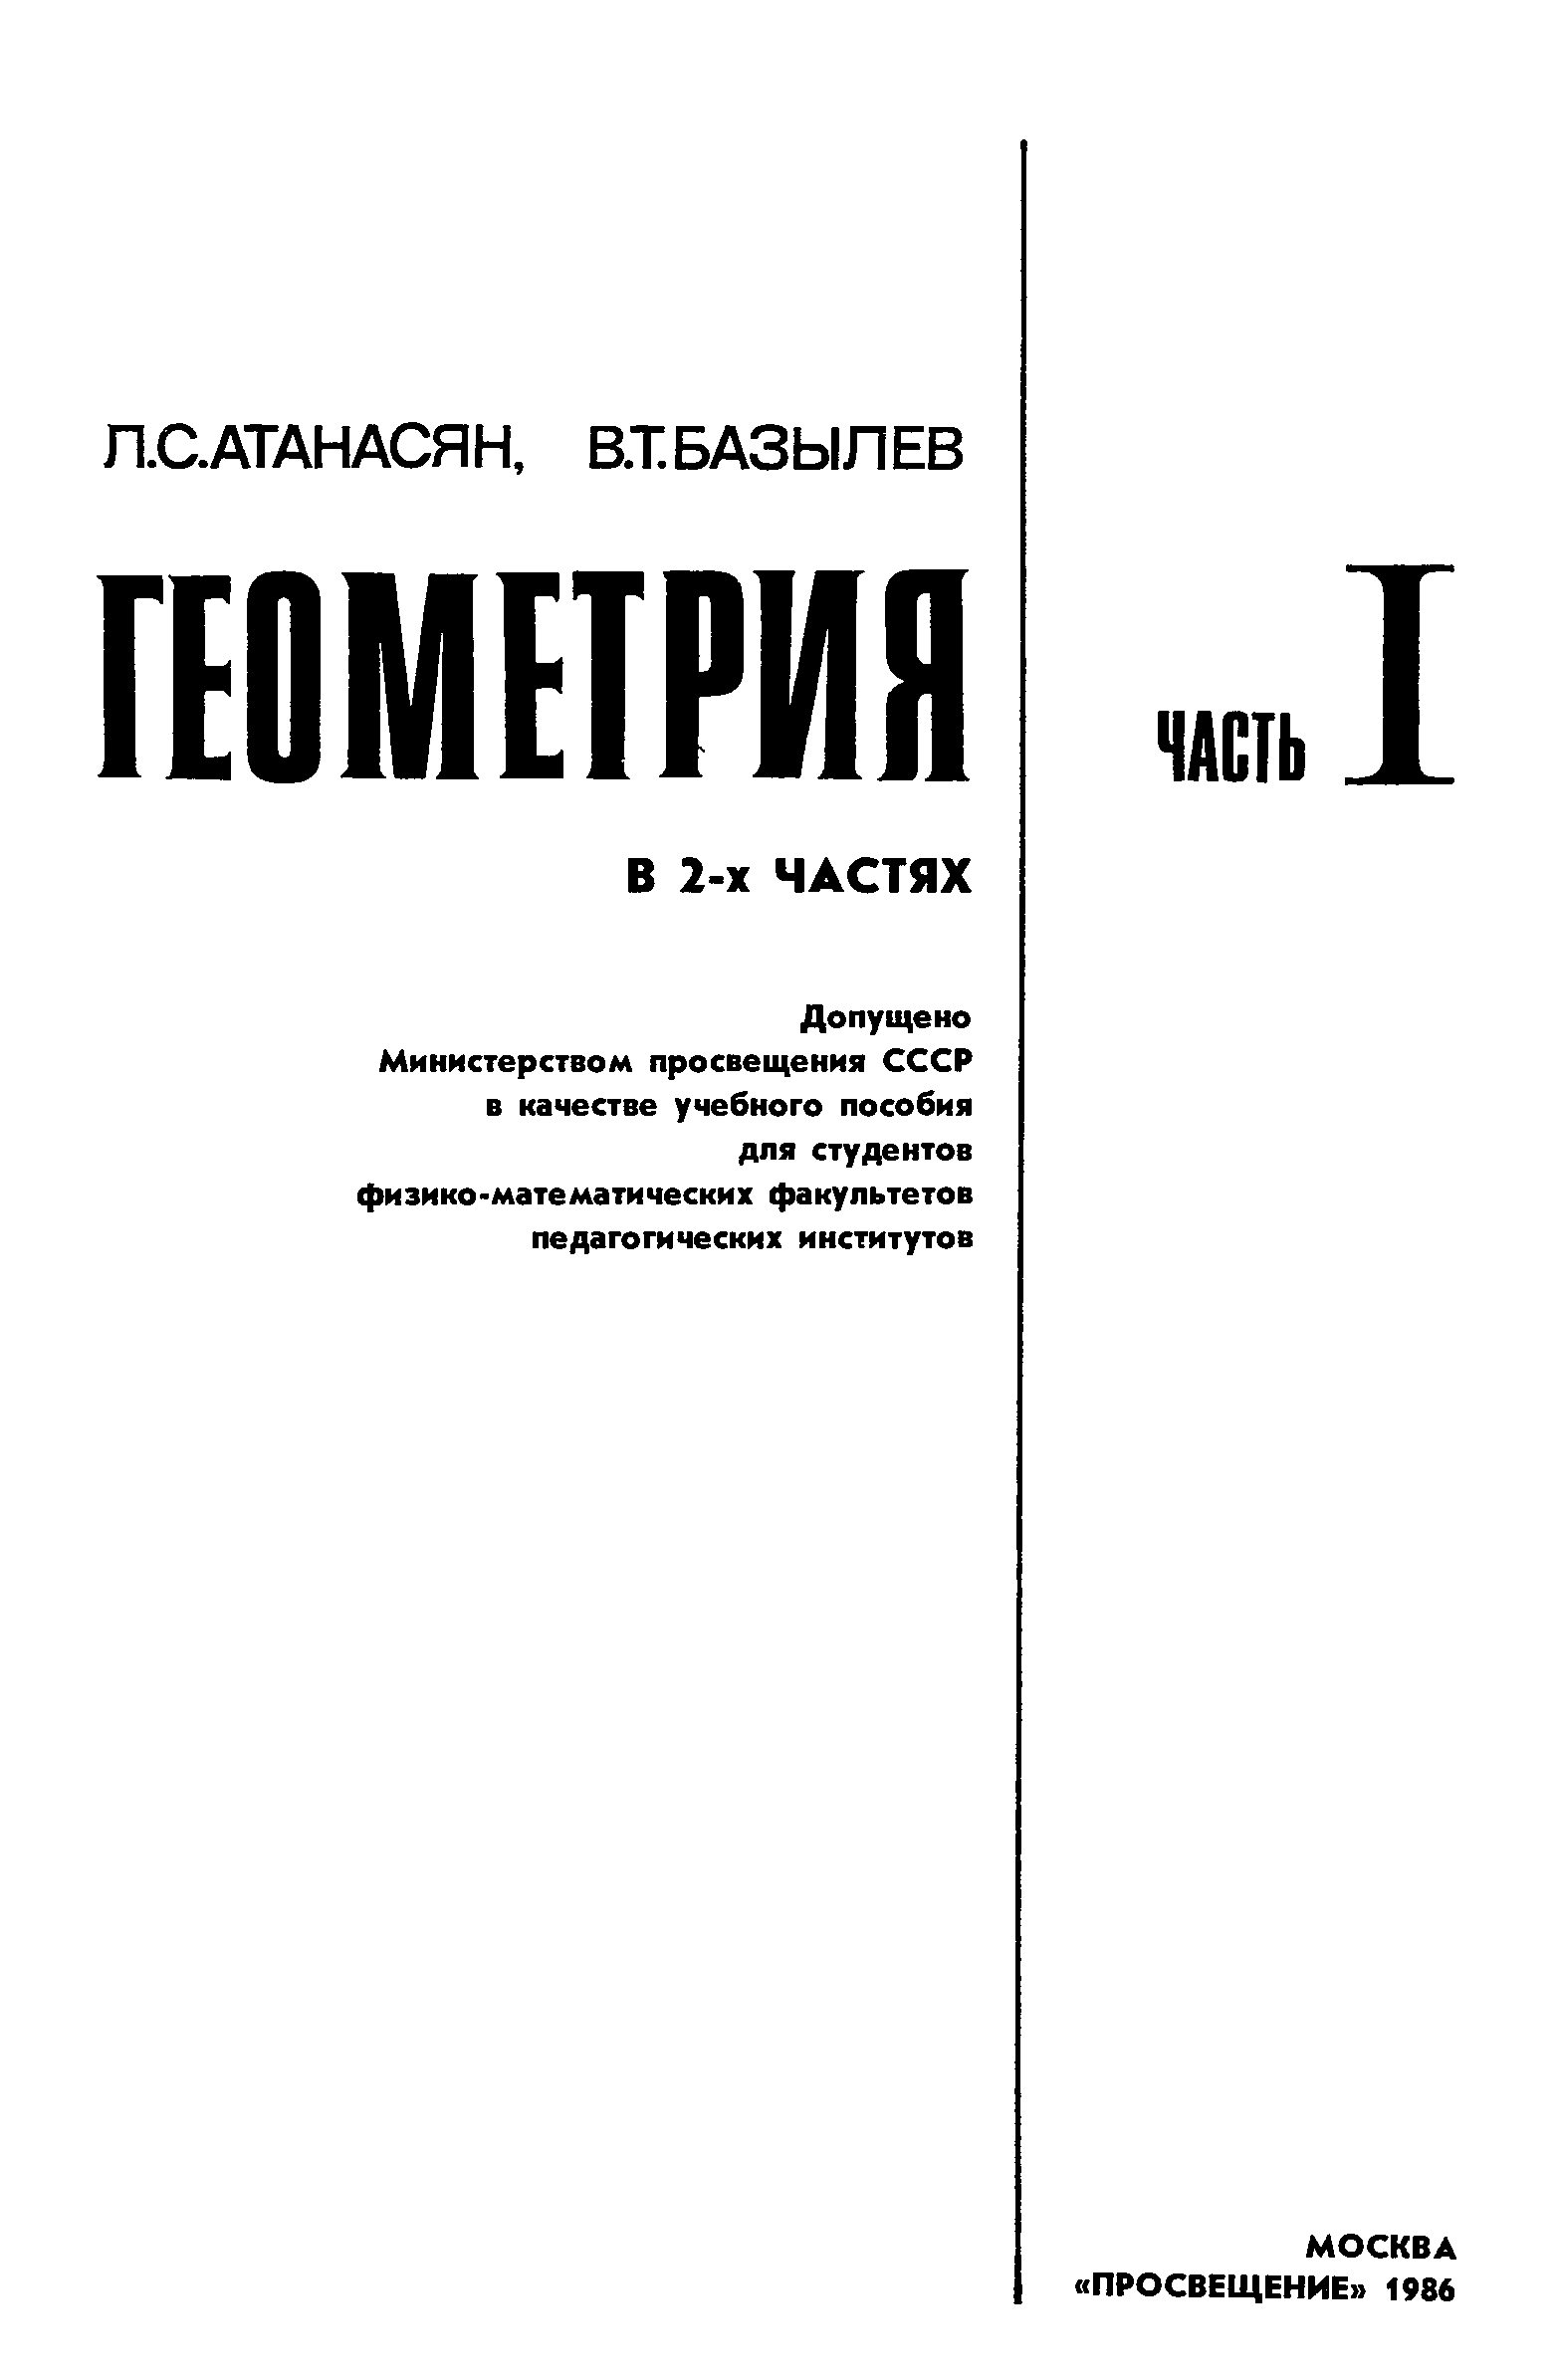 Решебник По Геометрии Атанасян Базылев В.т